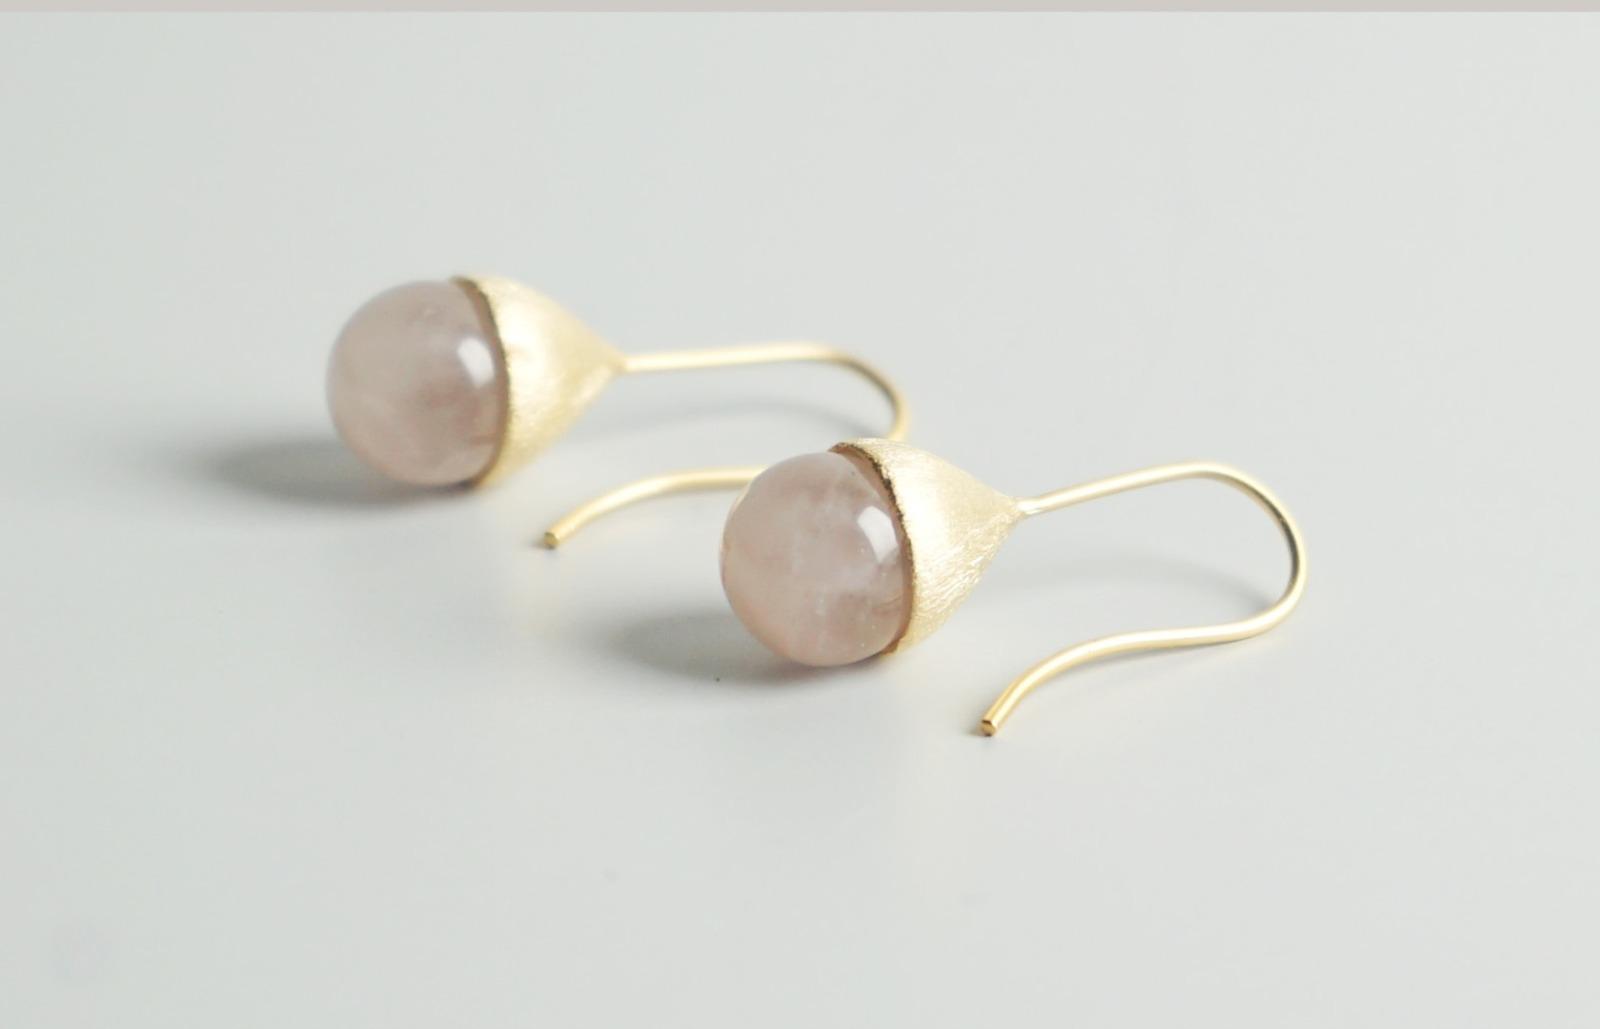 Ohrhänger Hütchen vergoldet mit Perle Rosenquarz - 2